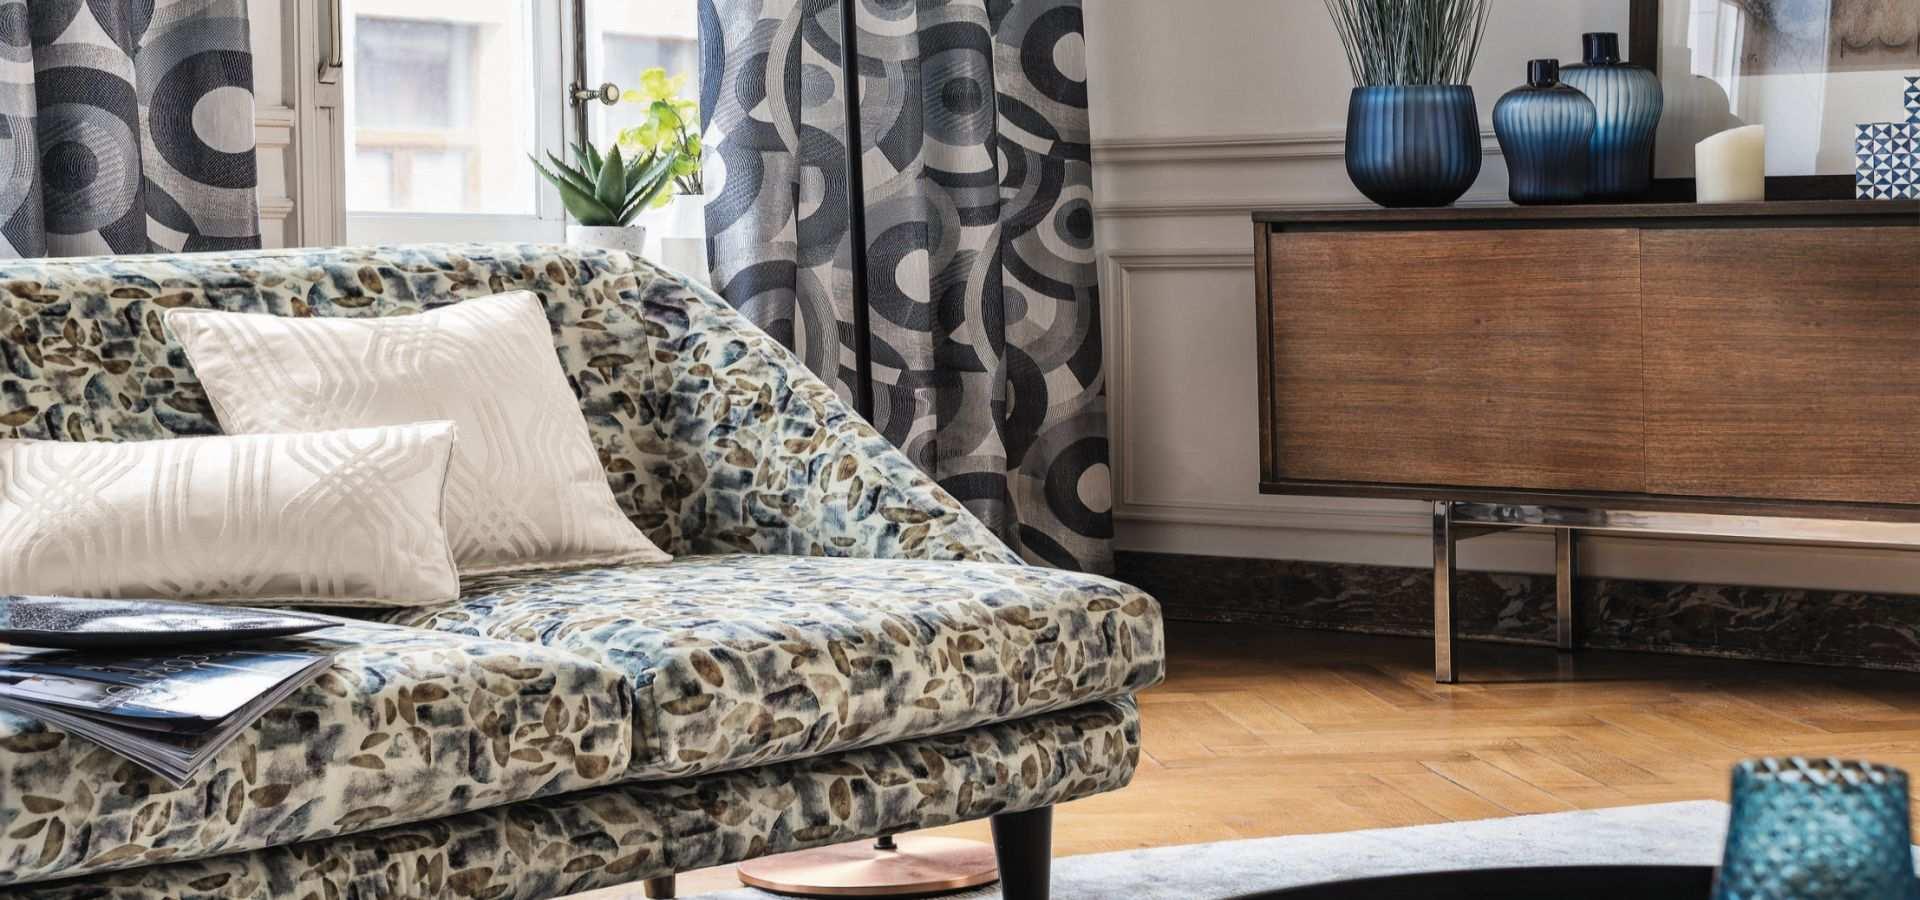 Wohnzimmer modern Gardine und Sofa grau beige